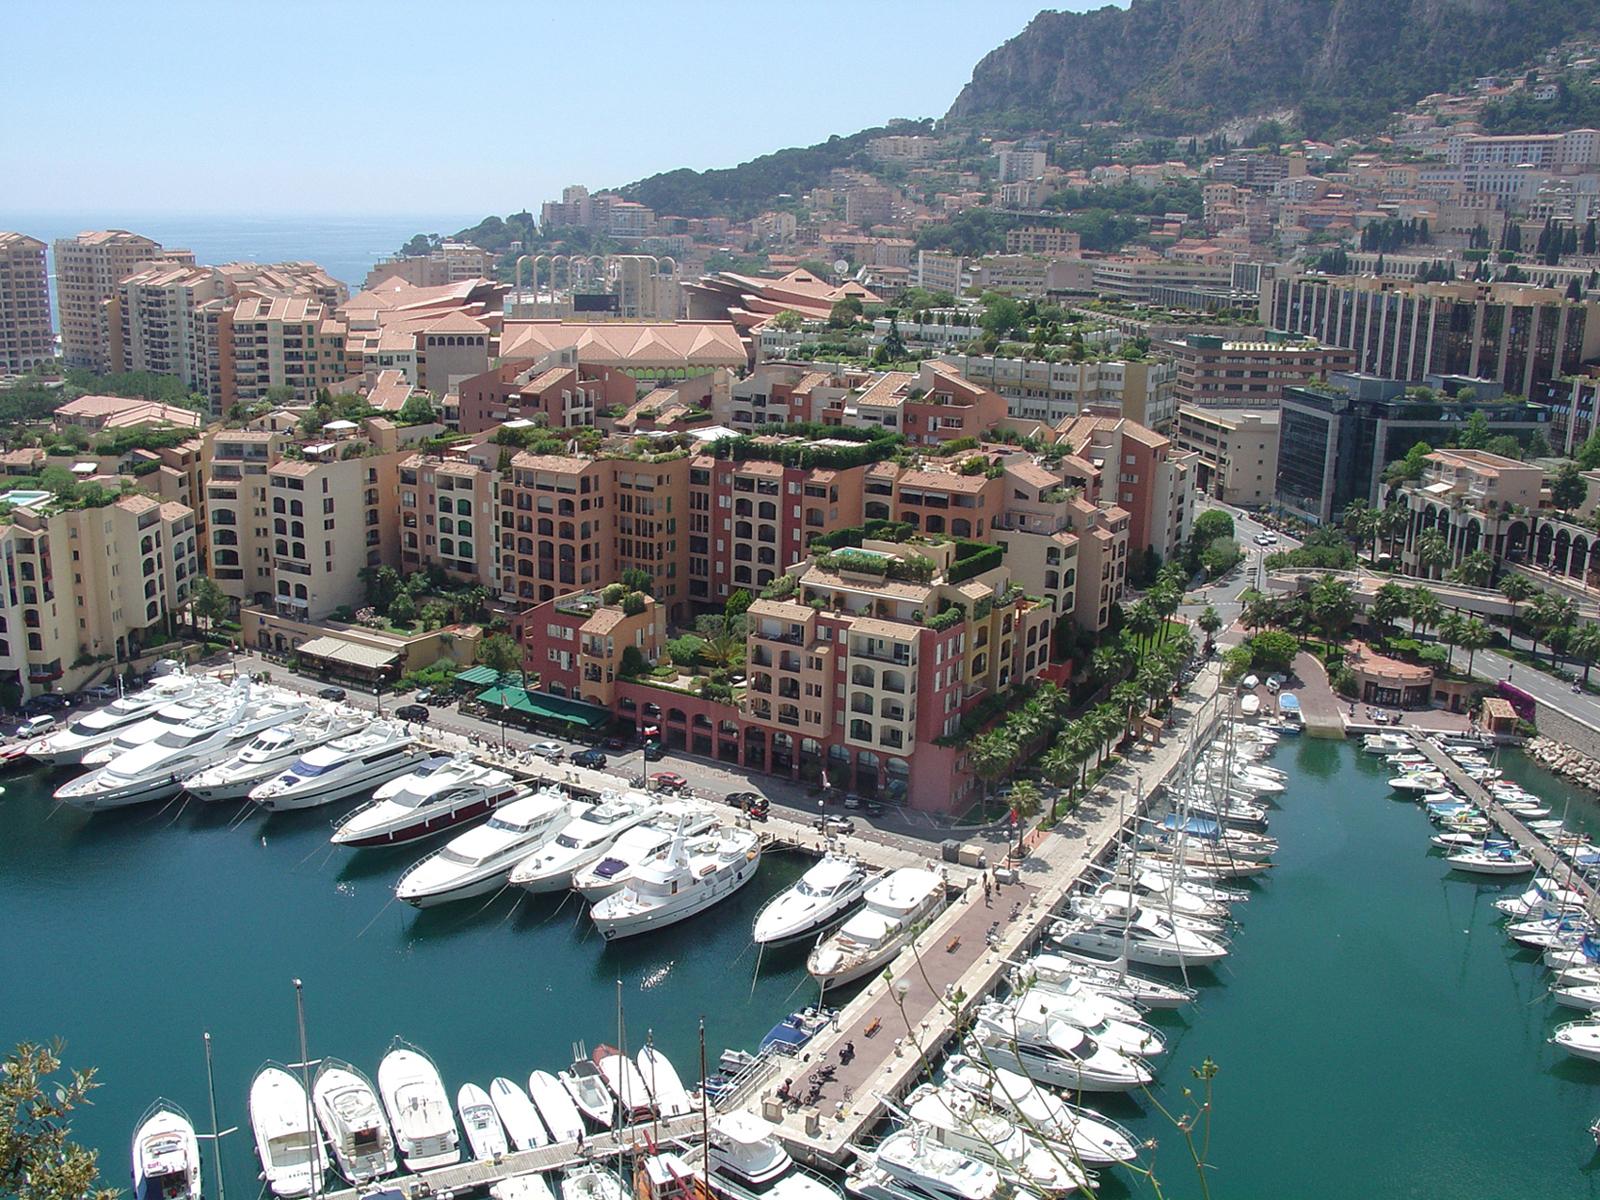 Mónaco, la monarquía reinante más antigua del mundo